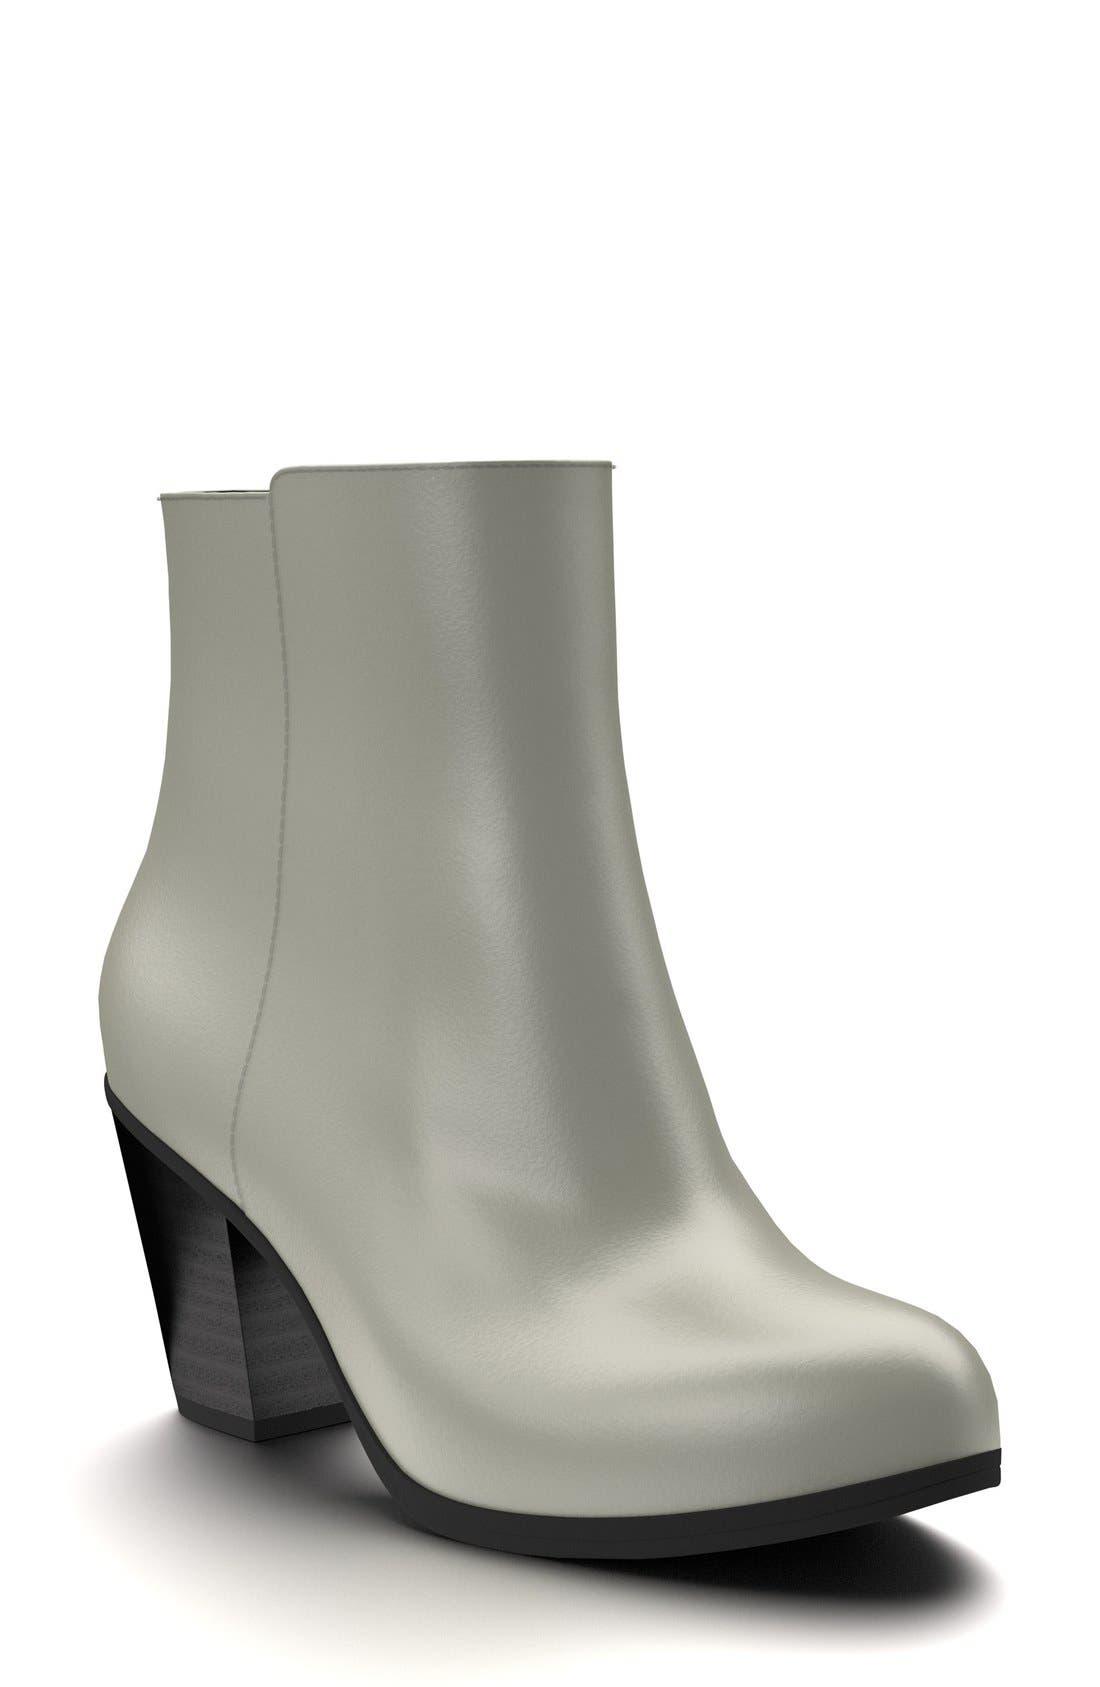 Main Image - Shoes of Prey Block Heel Bootie (Women)